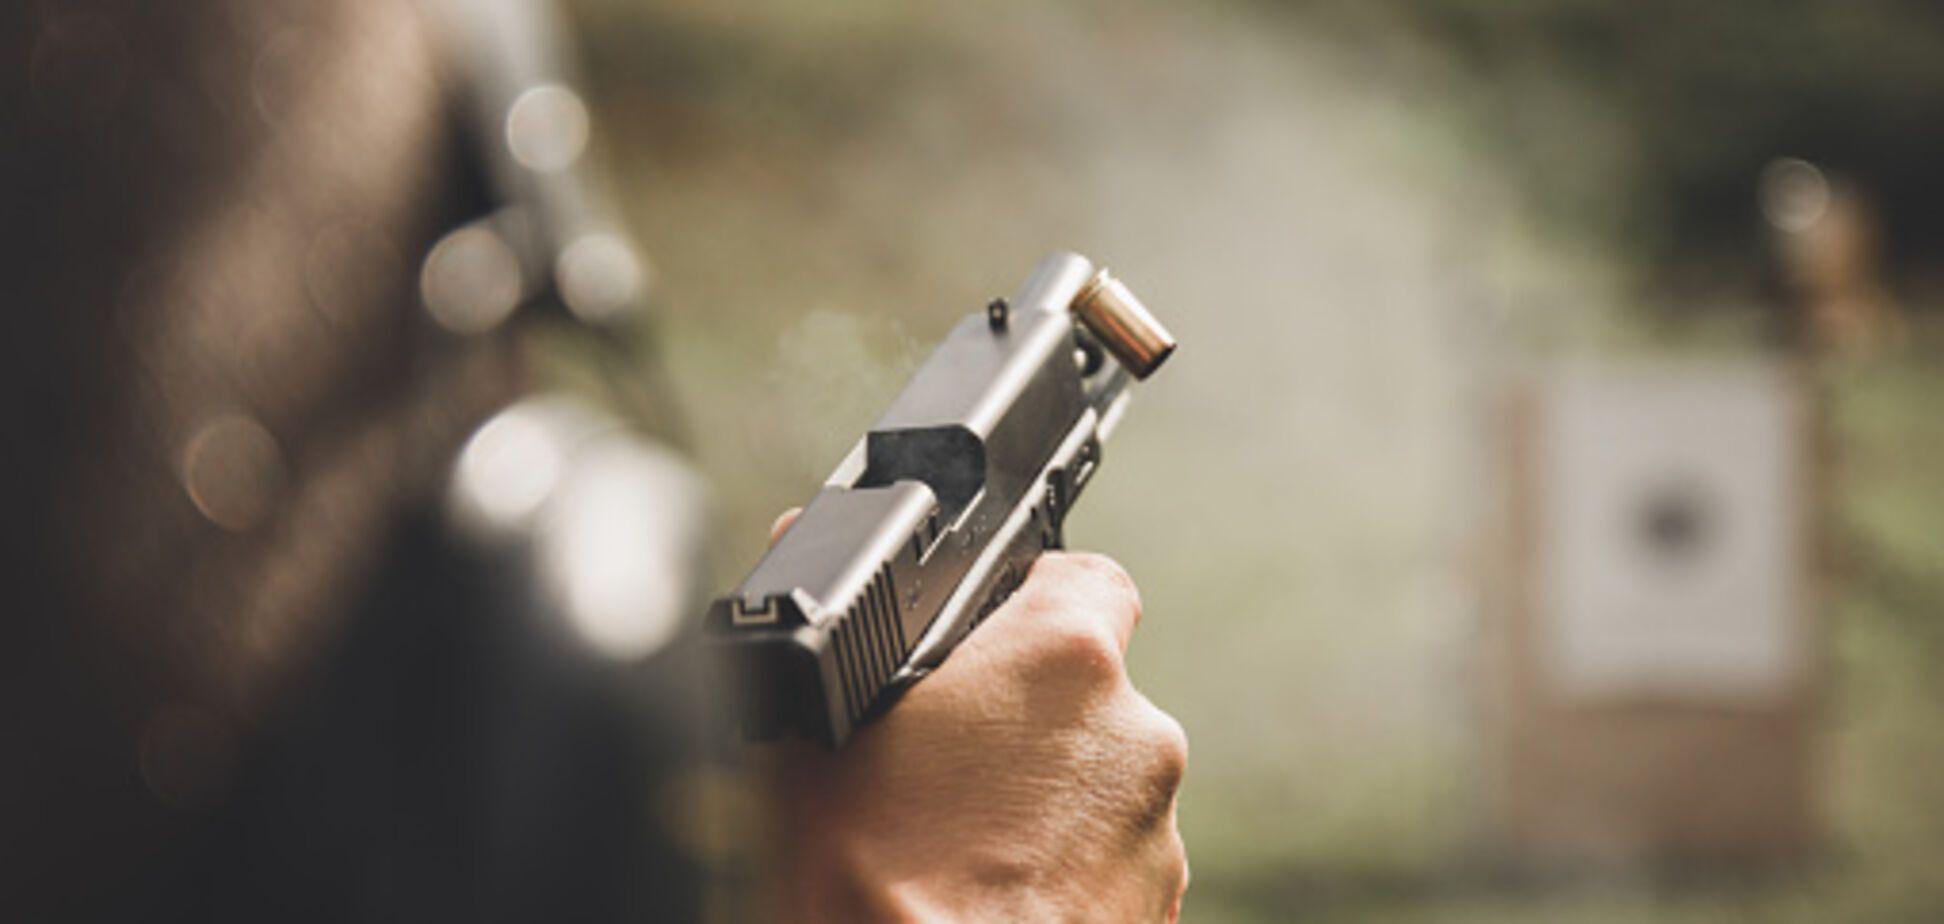 В Киеве возле метро стреляли в мужчину